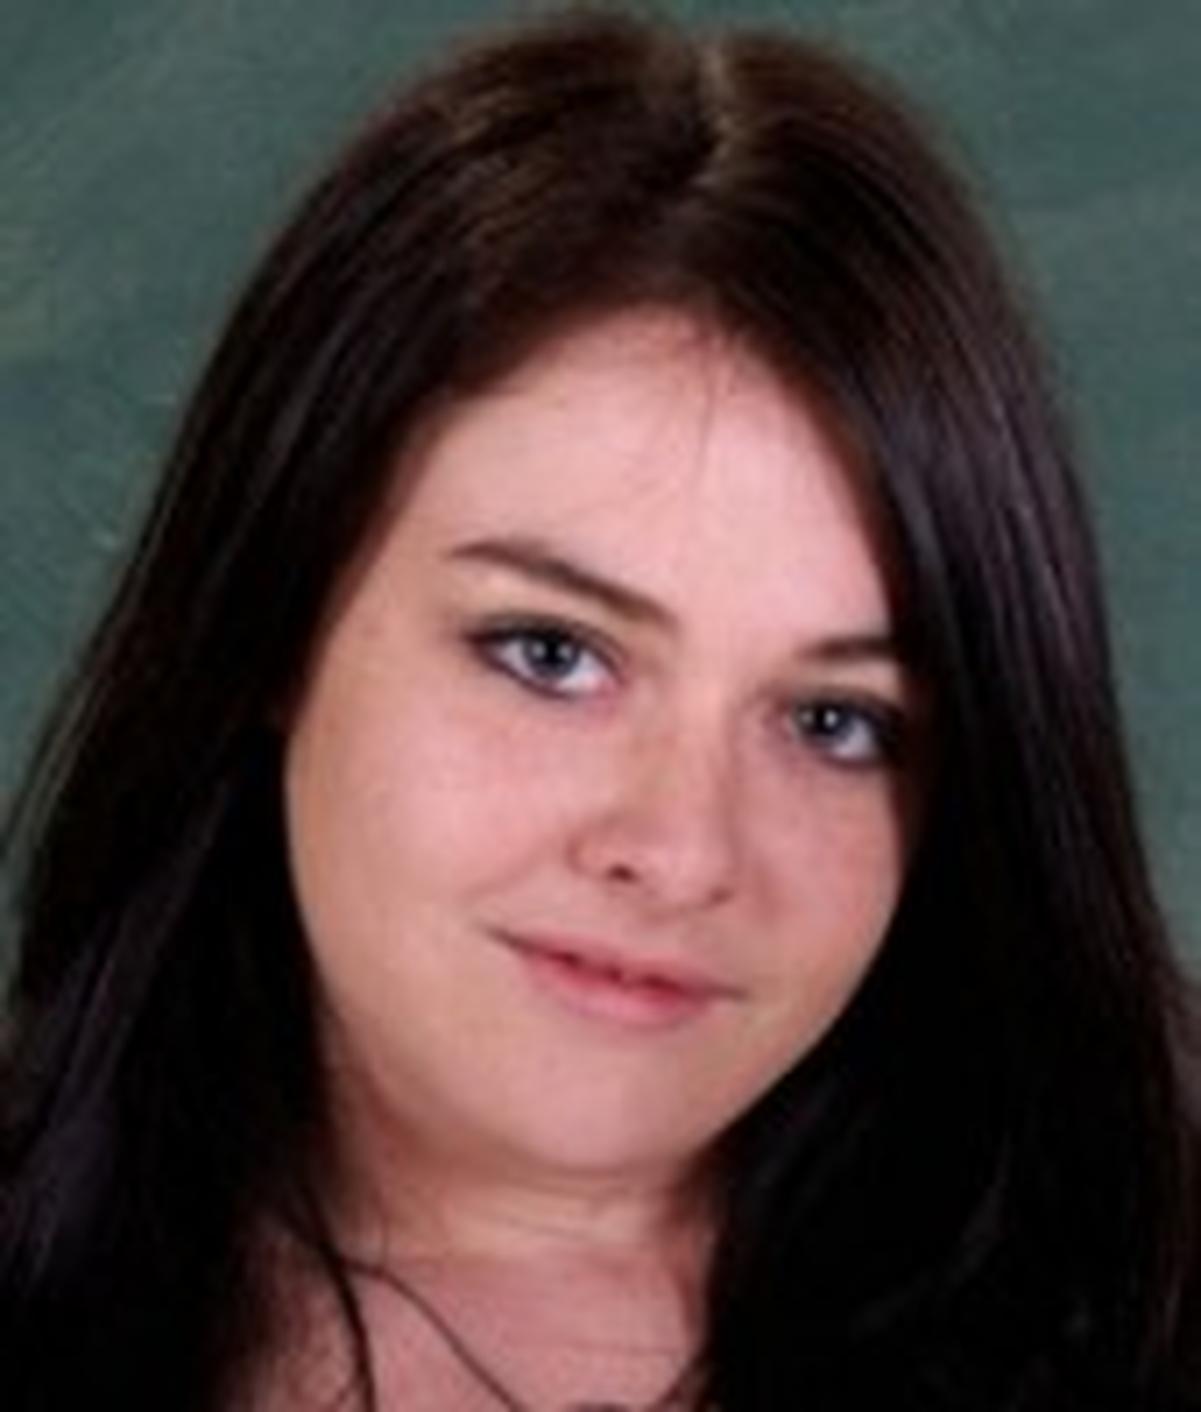 Lindsay Hohan